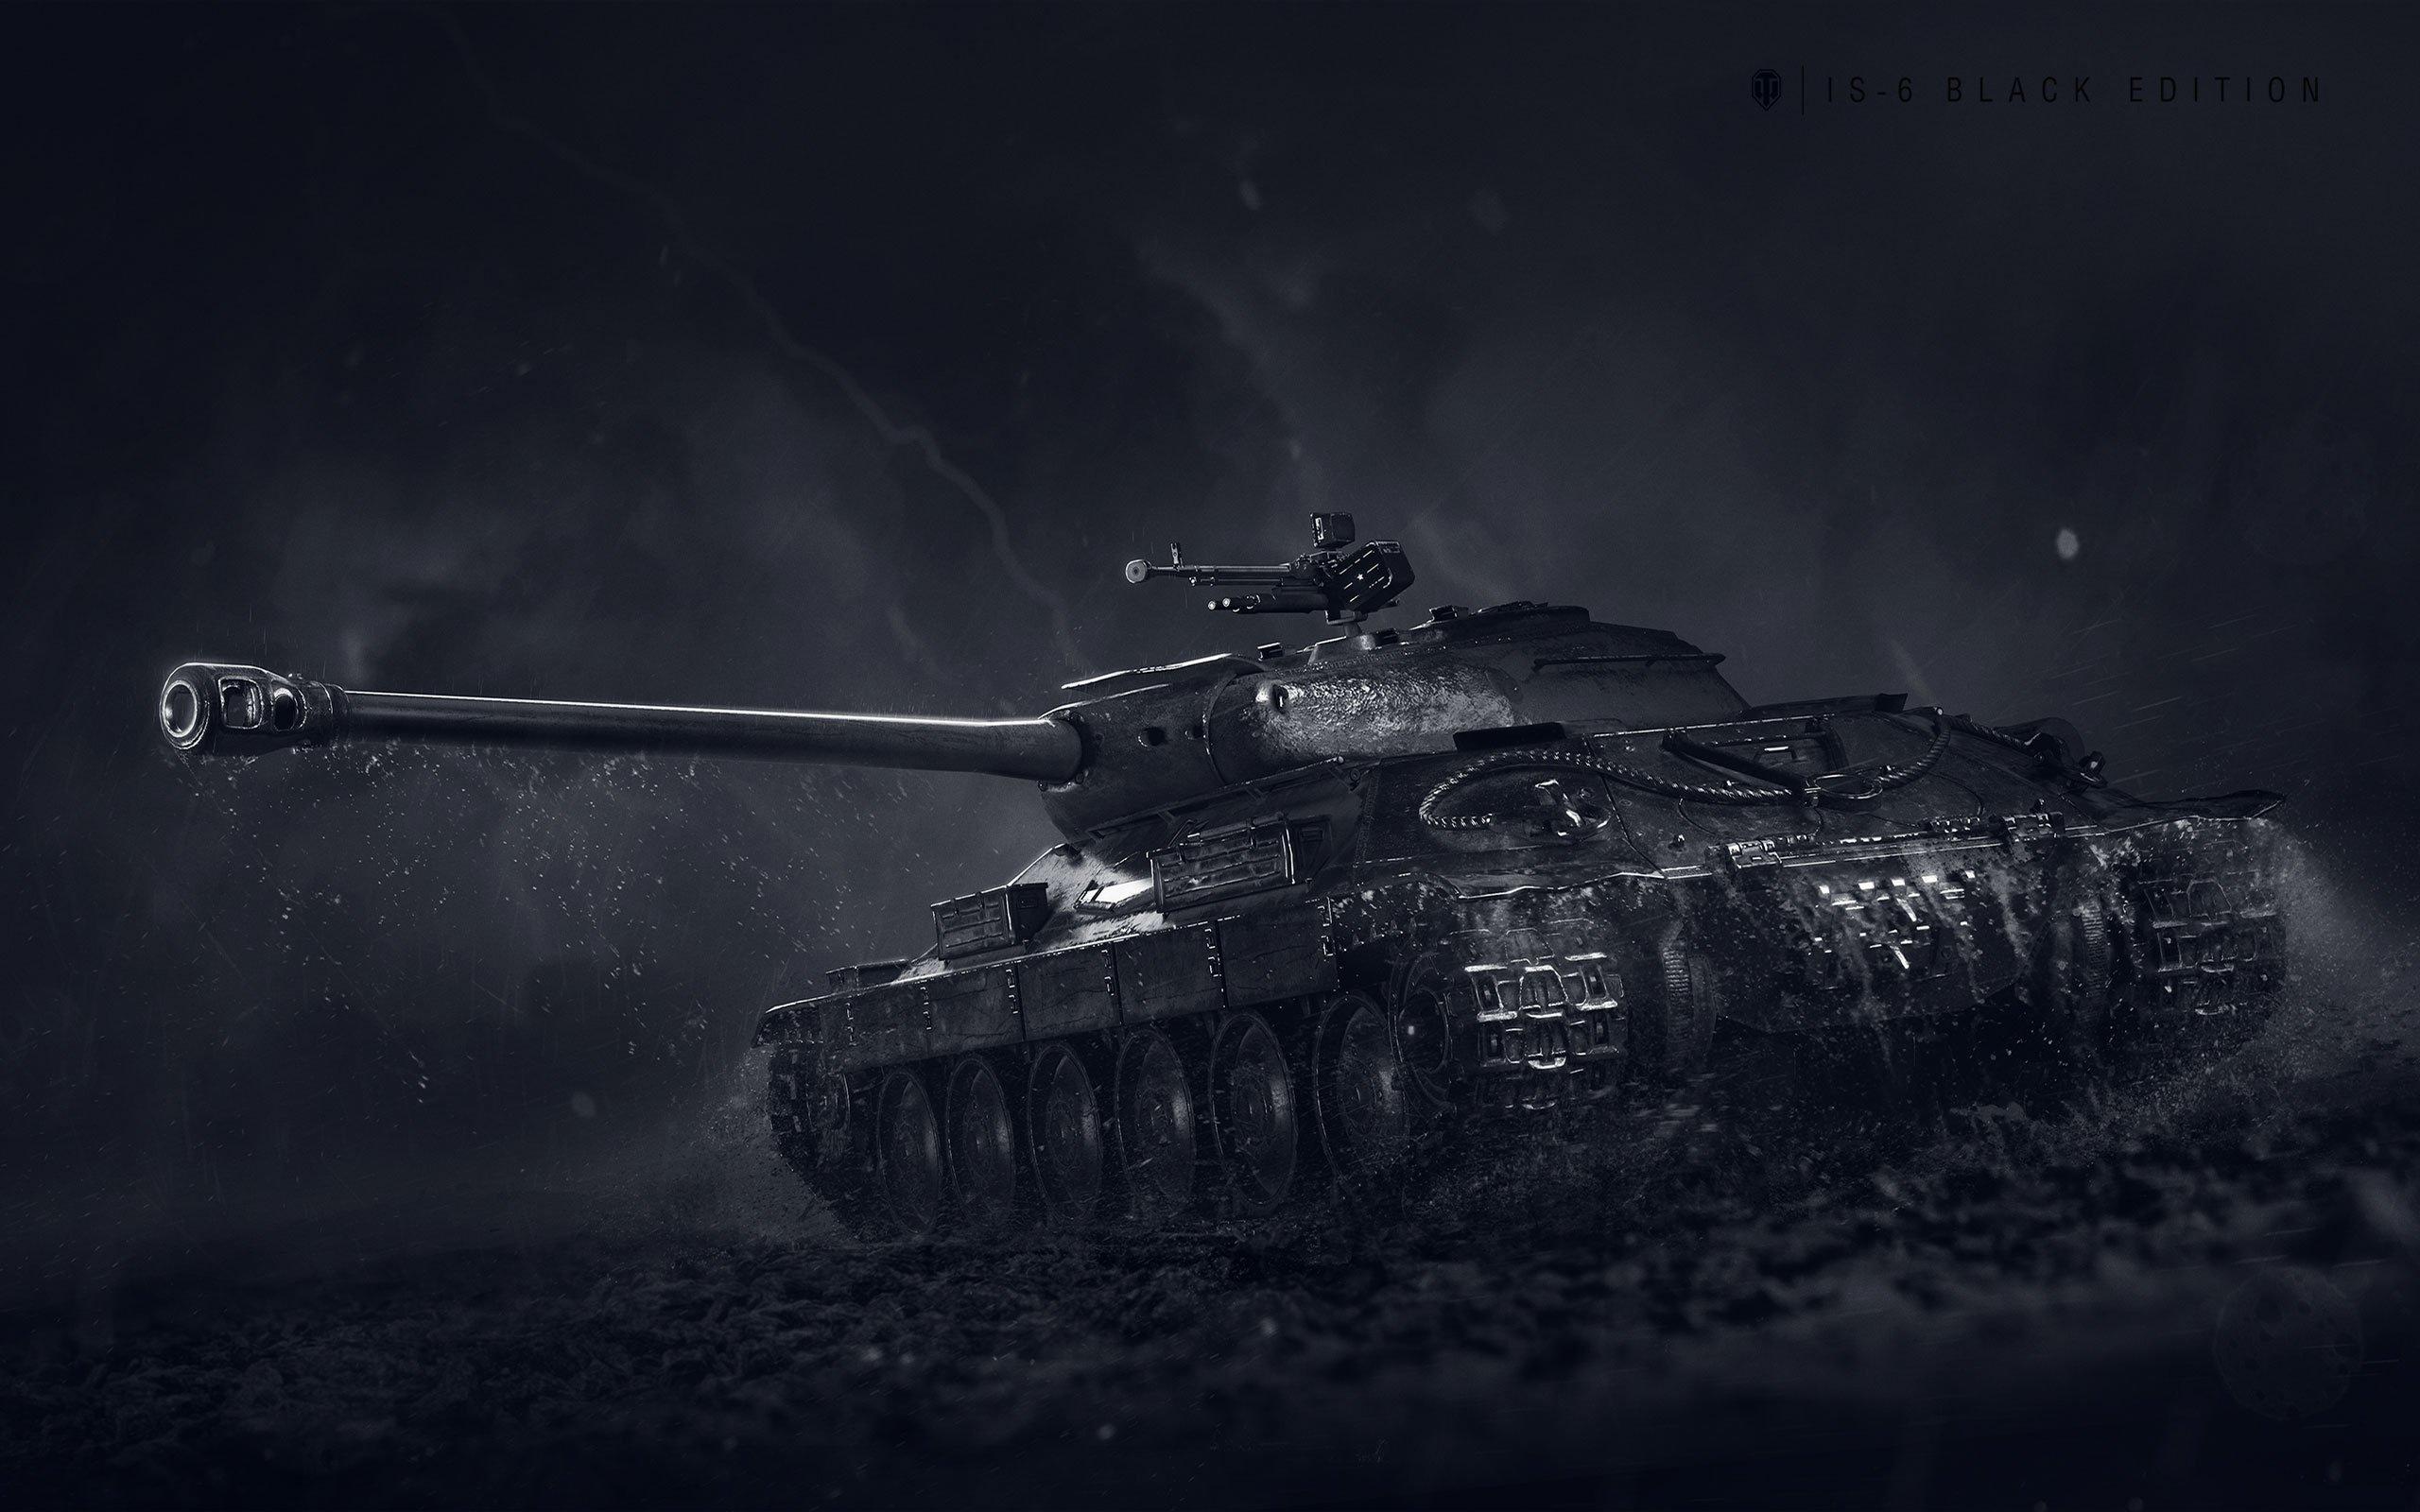 Картинка: Танк, пушка, грязь, дождь, гусеничный, IS-6, ИС-6, Black Edition, игра, World of Tanks